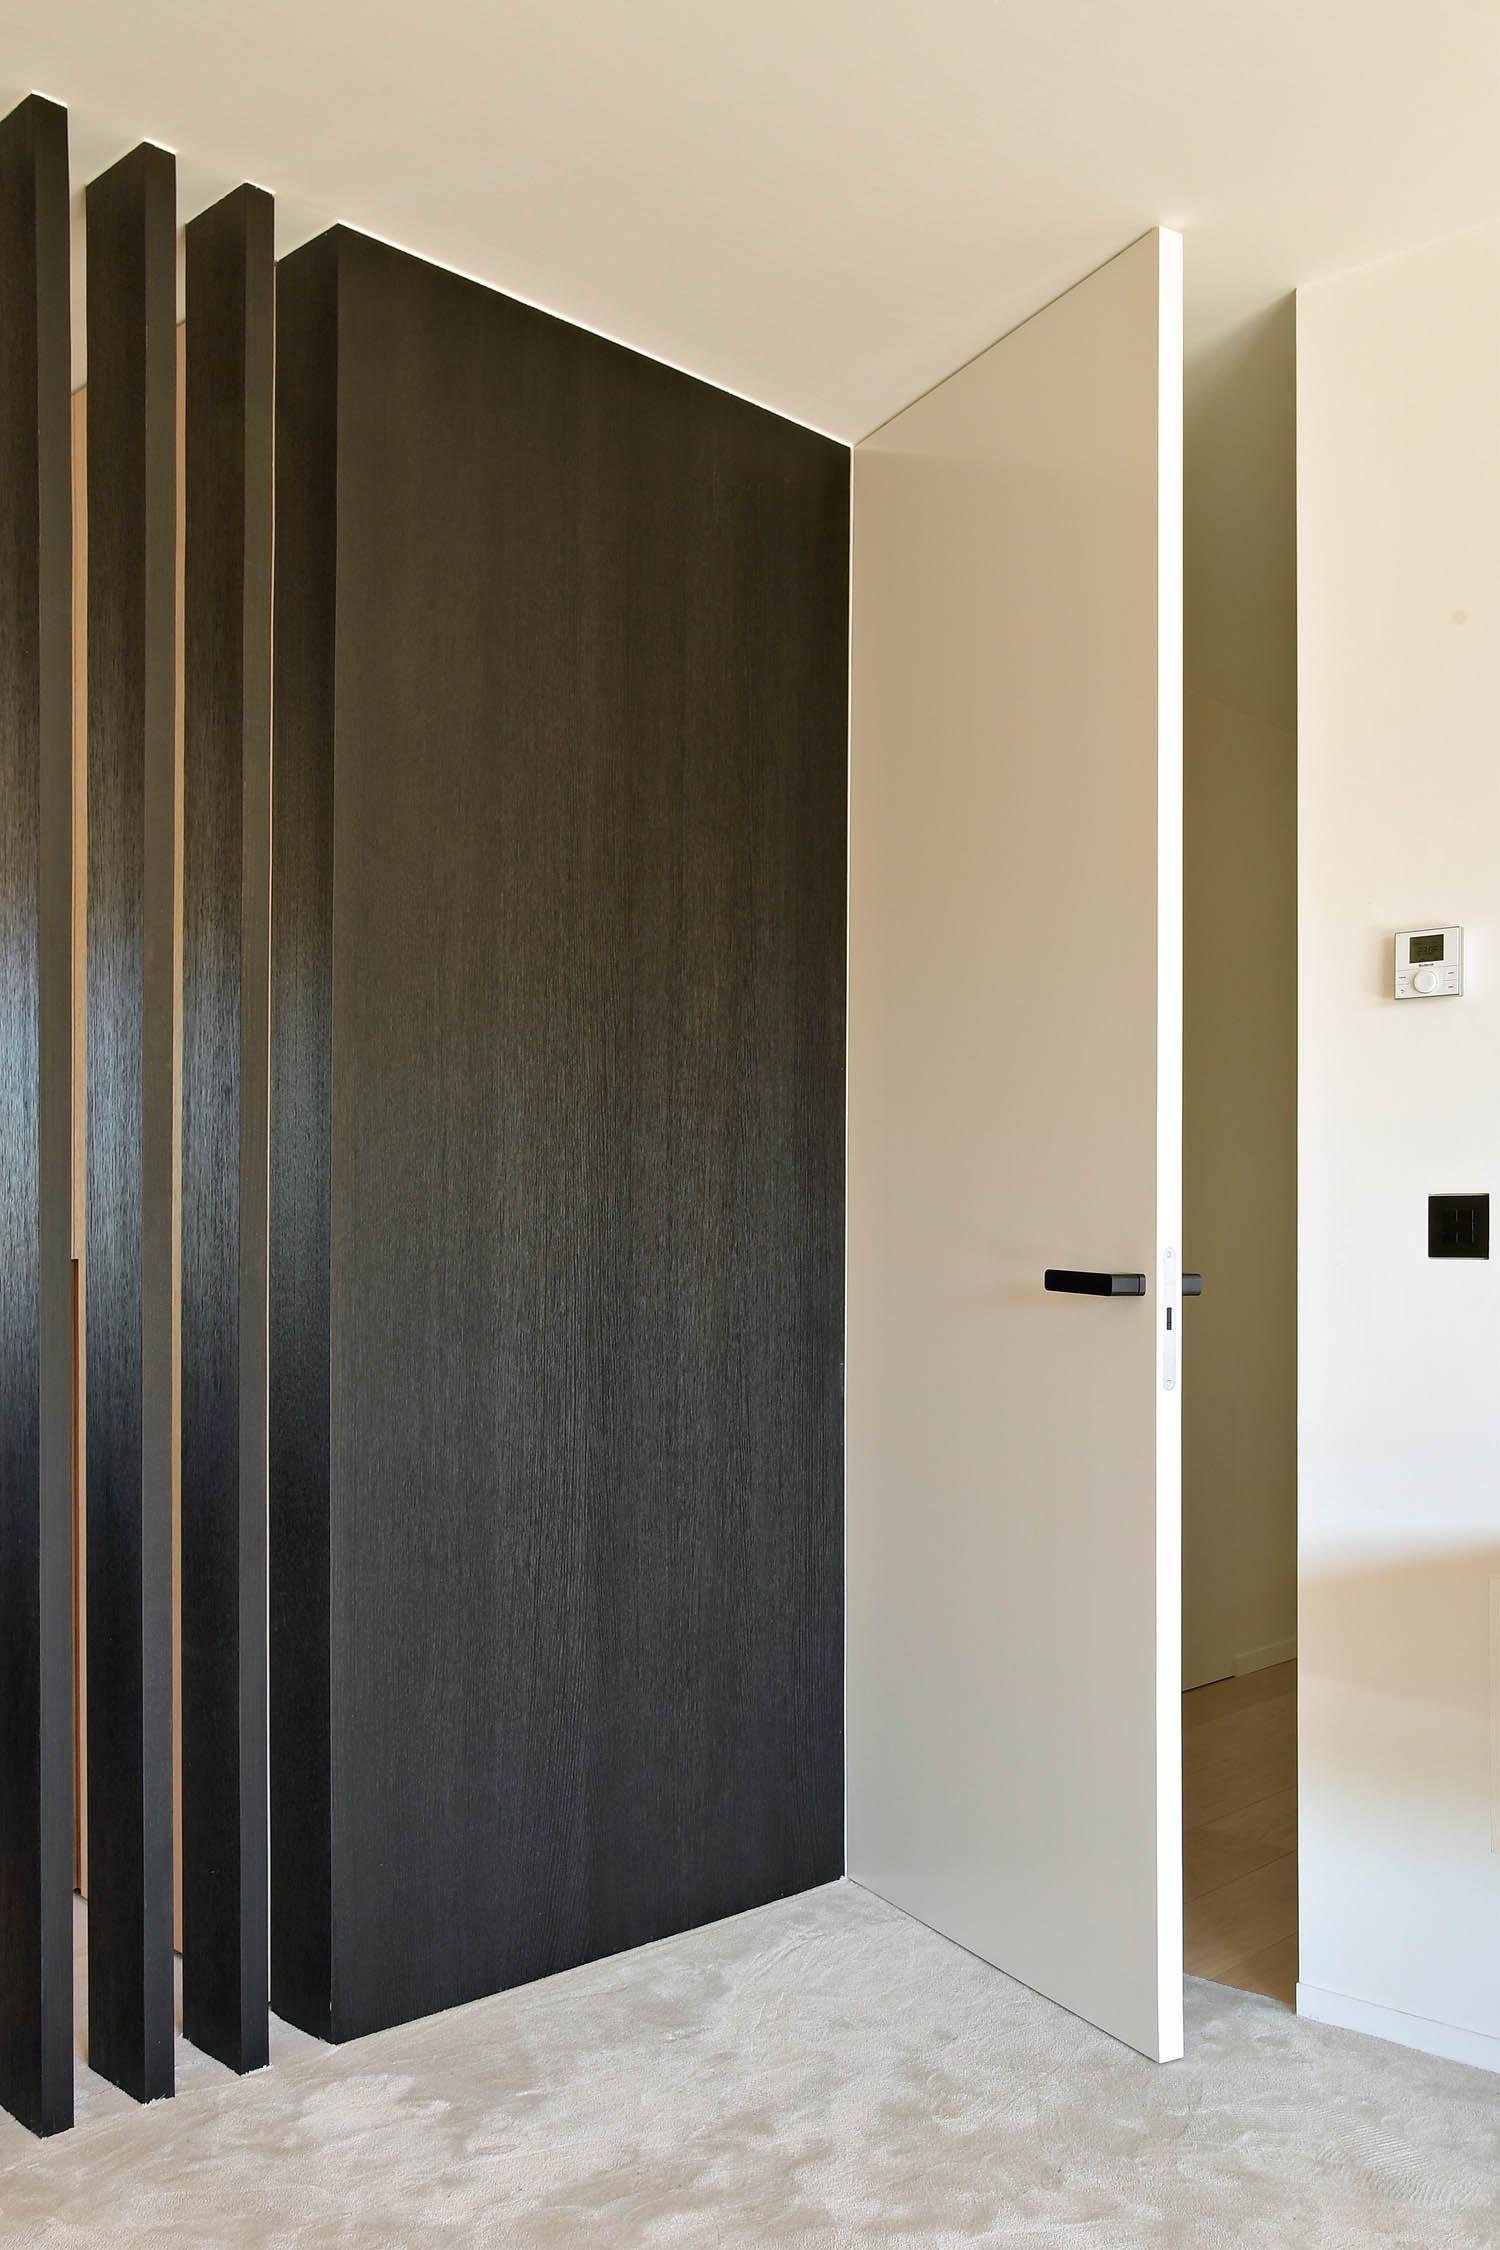 Xinnix Door Systems, ceiling-high single swing door, courtesy of Xinnix